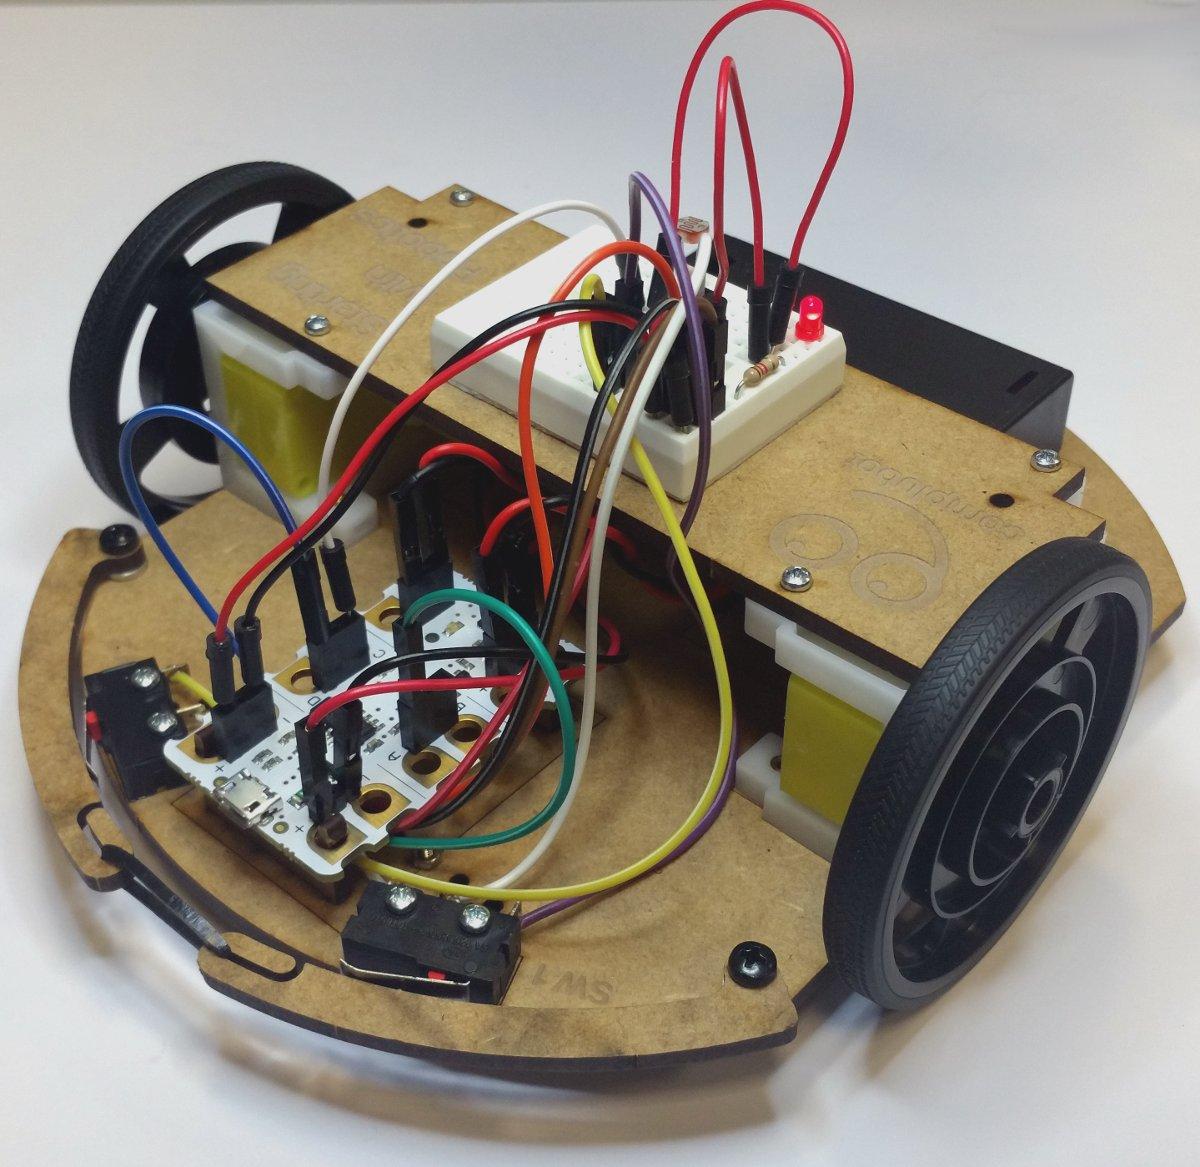 Montaje_Crumble_Robot_Uno_Plus_45